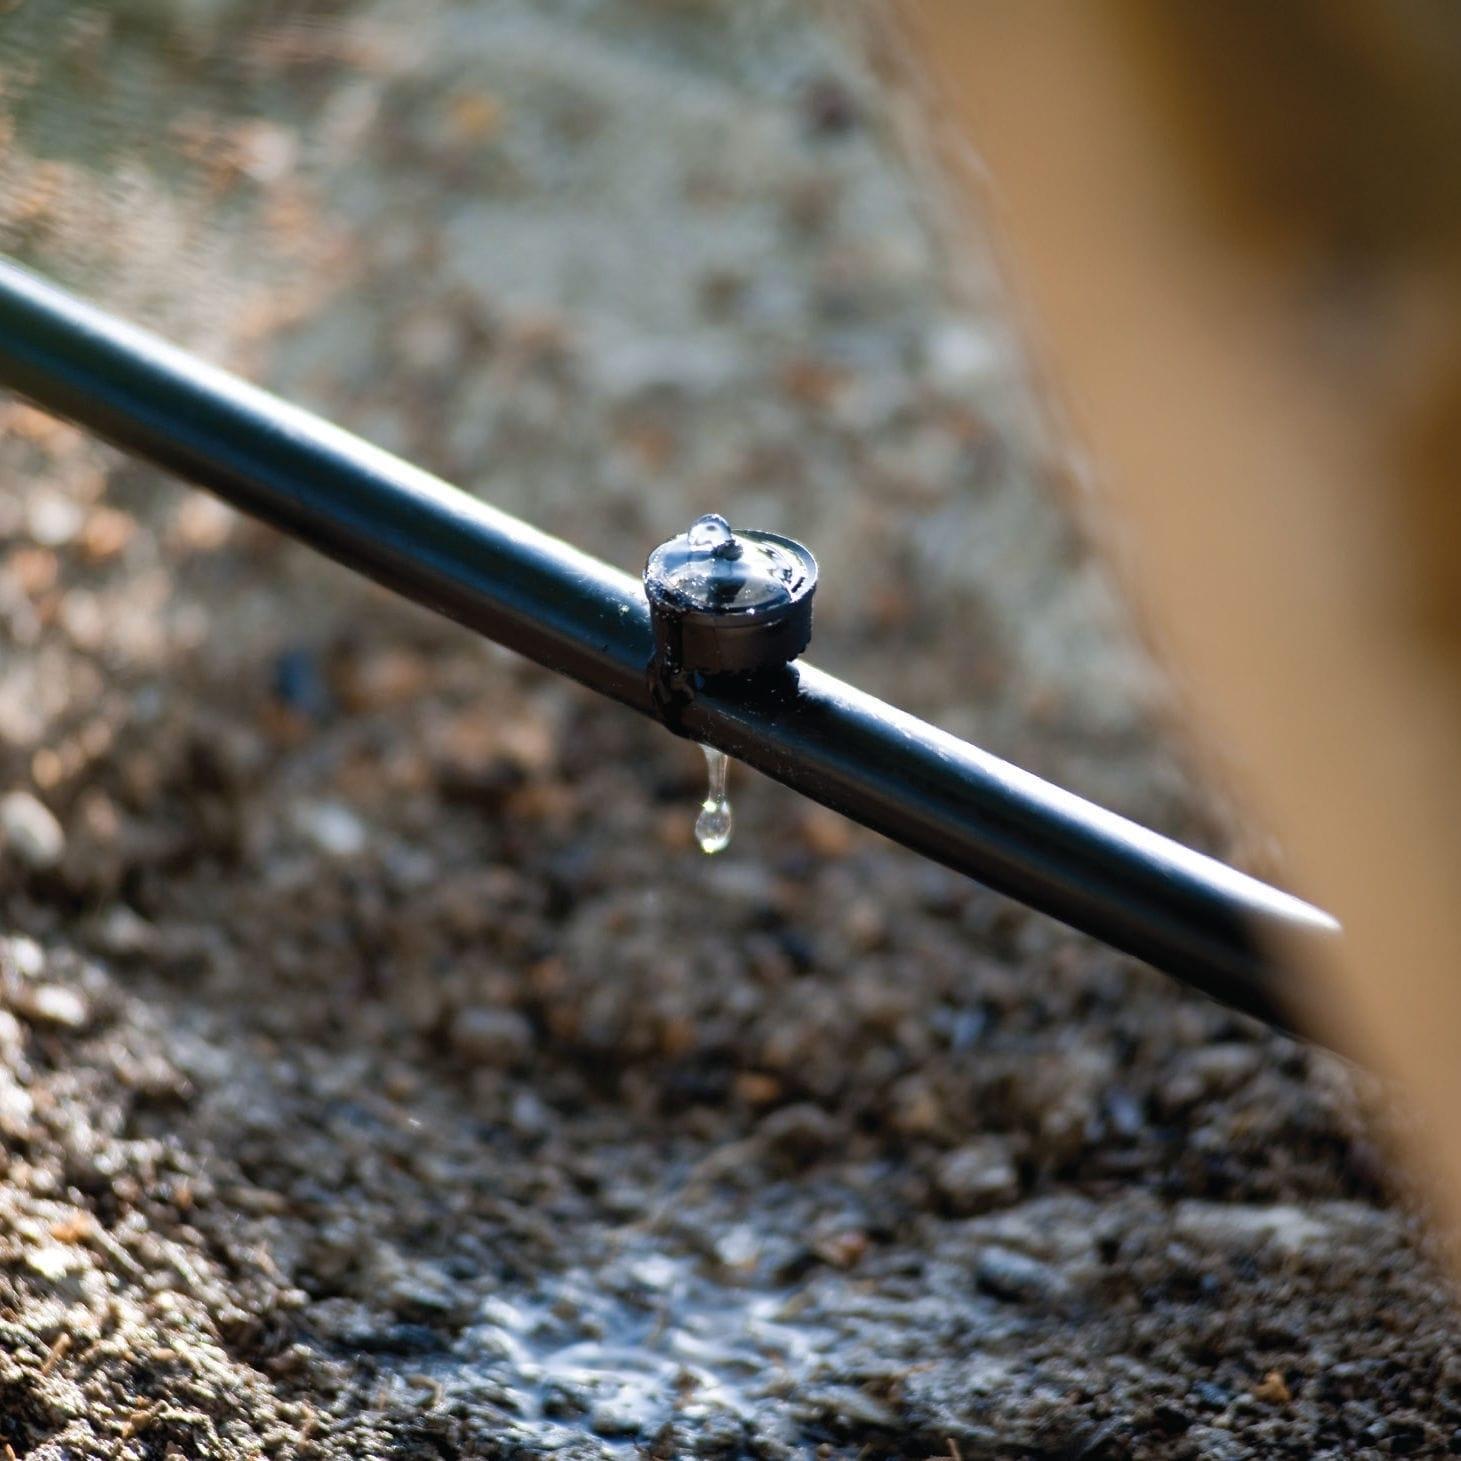 Gocciolatori 6 impianto irrigazione a goccia for Gocciolatori per irrigazione a goccia